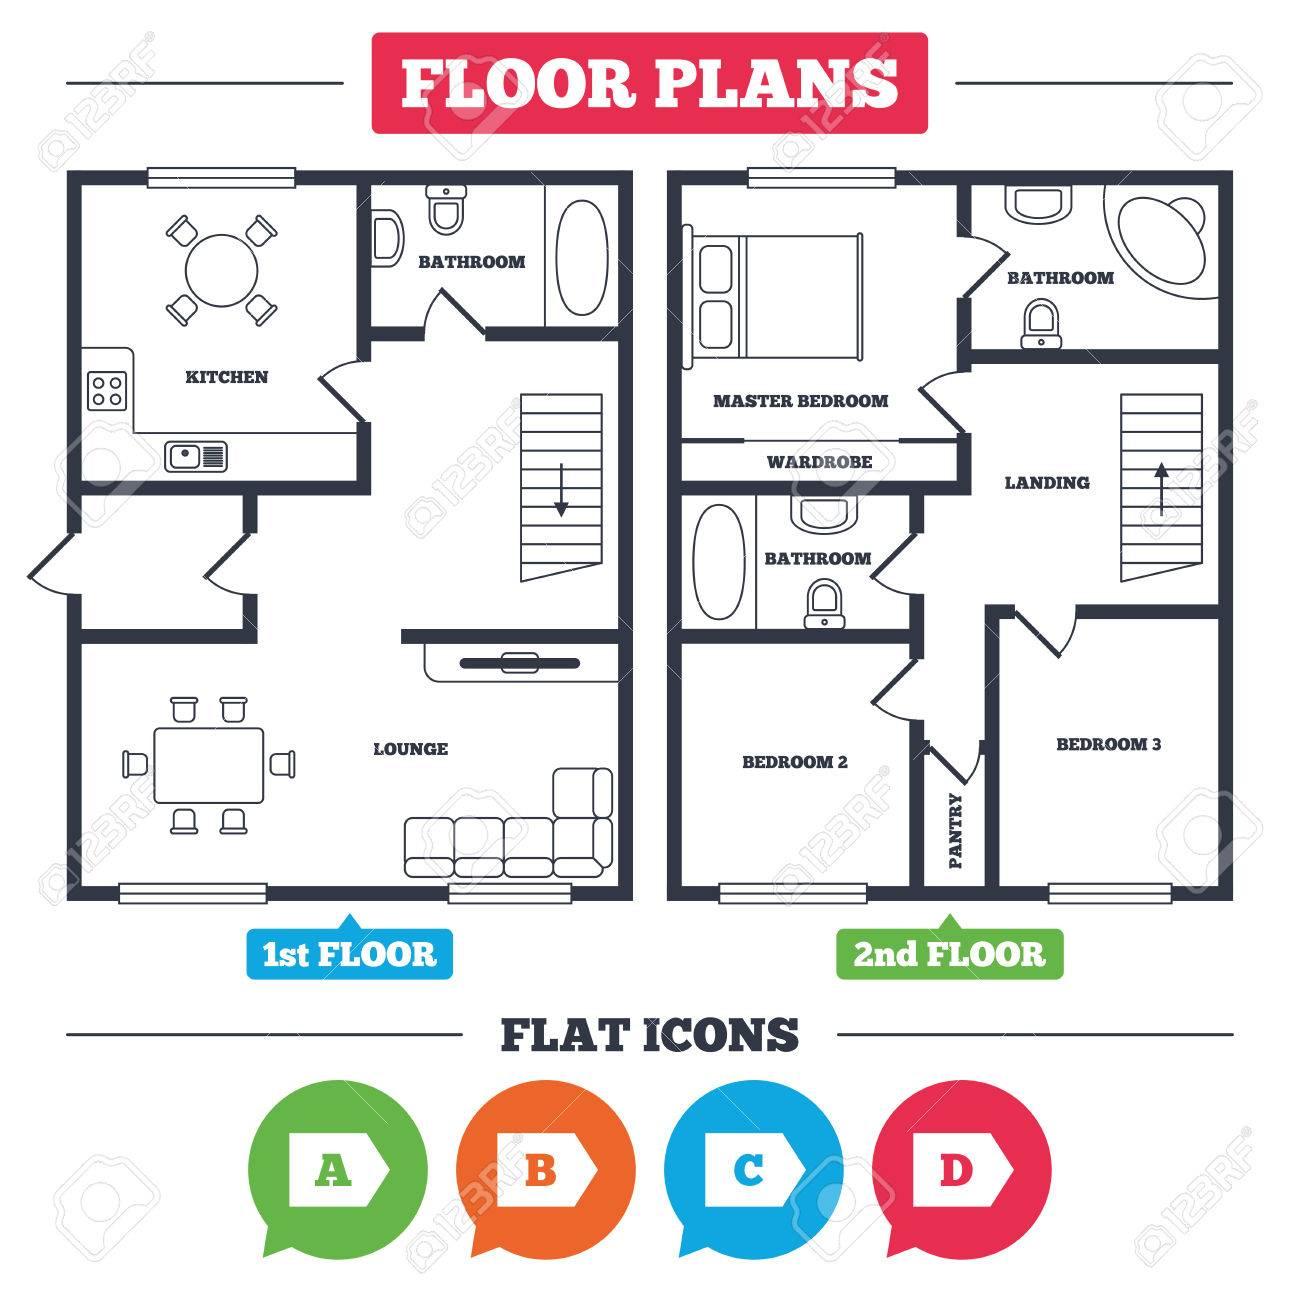 Plan De Arquitectura Con Muebles. Planta De La Casa. Iconos De Clase ...